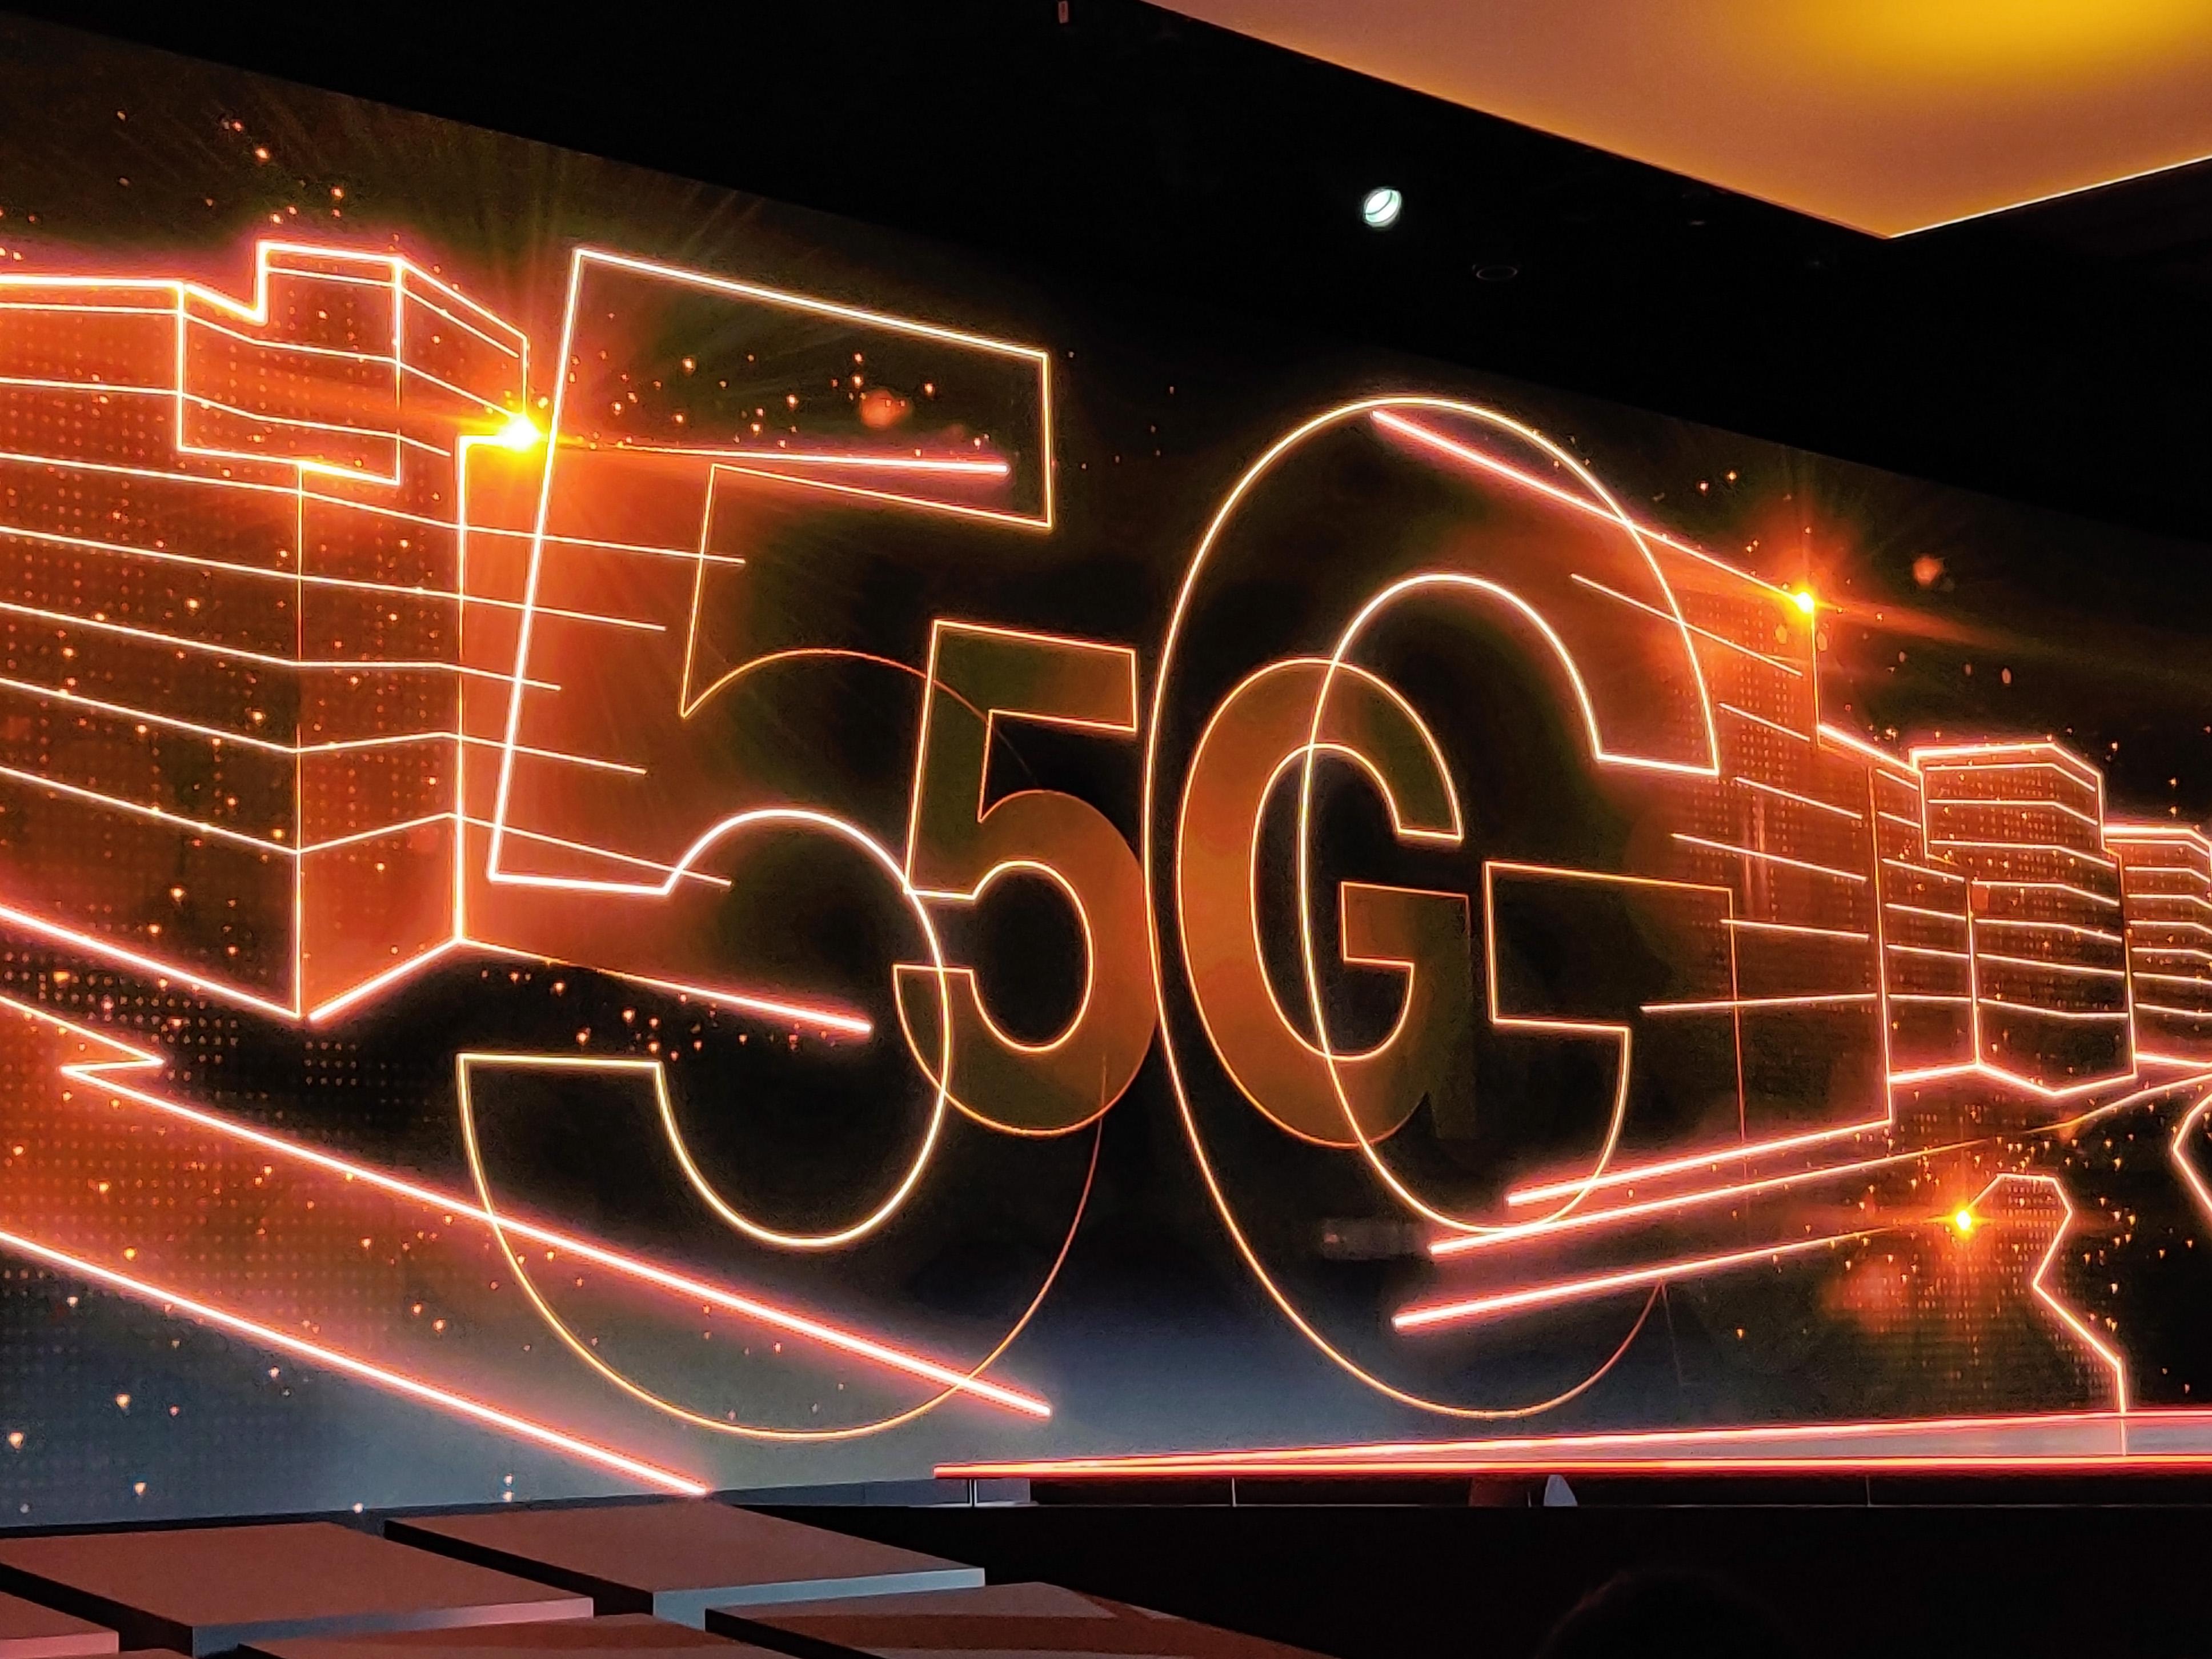 Abonnés Orange ou Sosh : voici comment tester le réseau 5G de l'opérateur